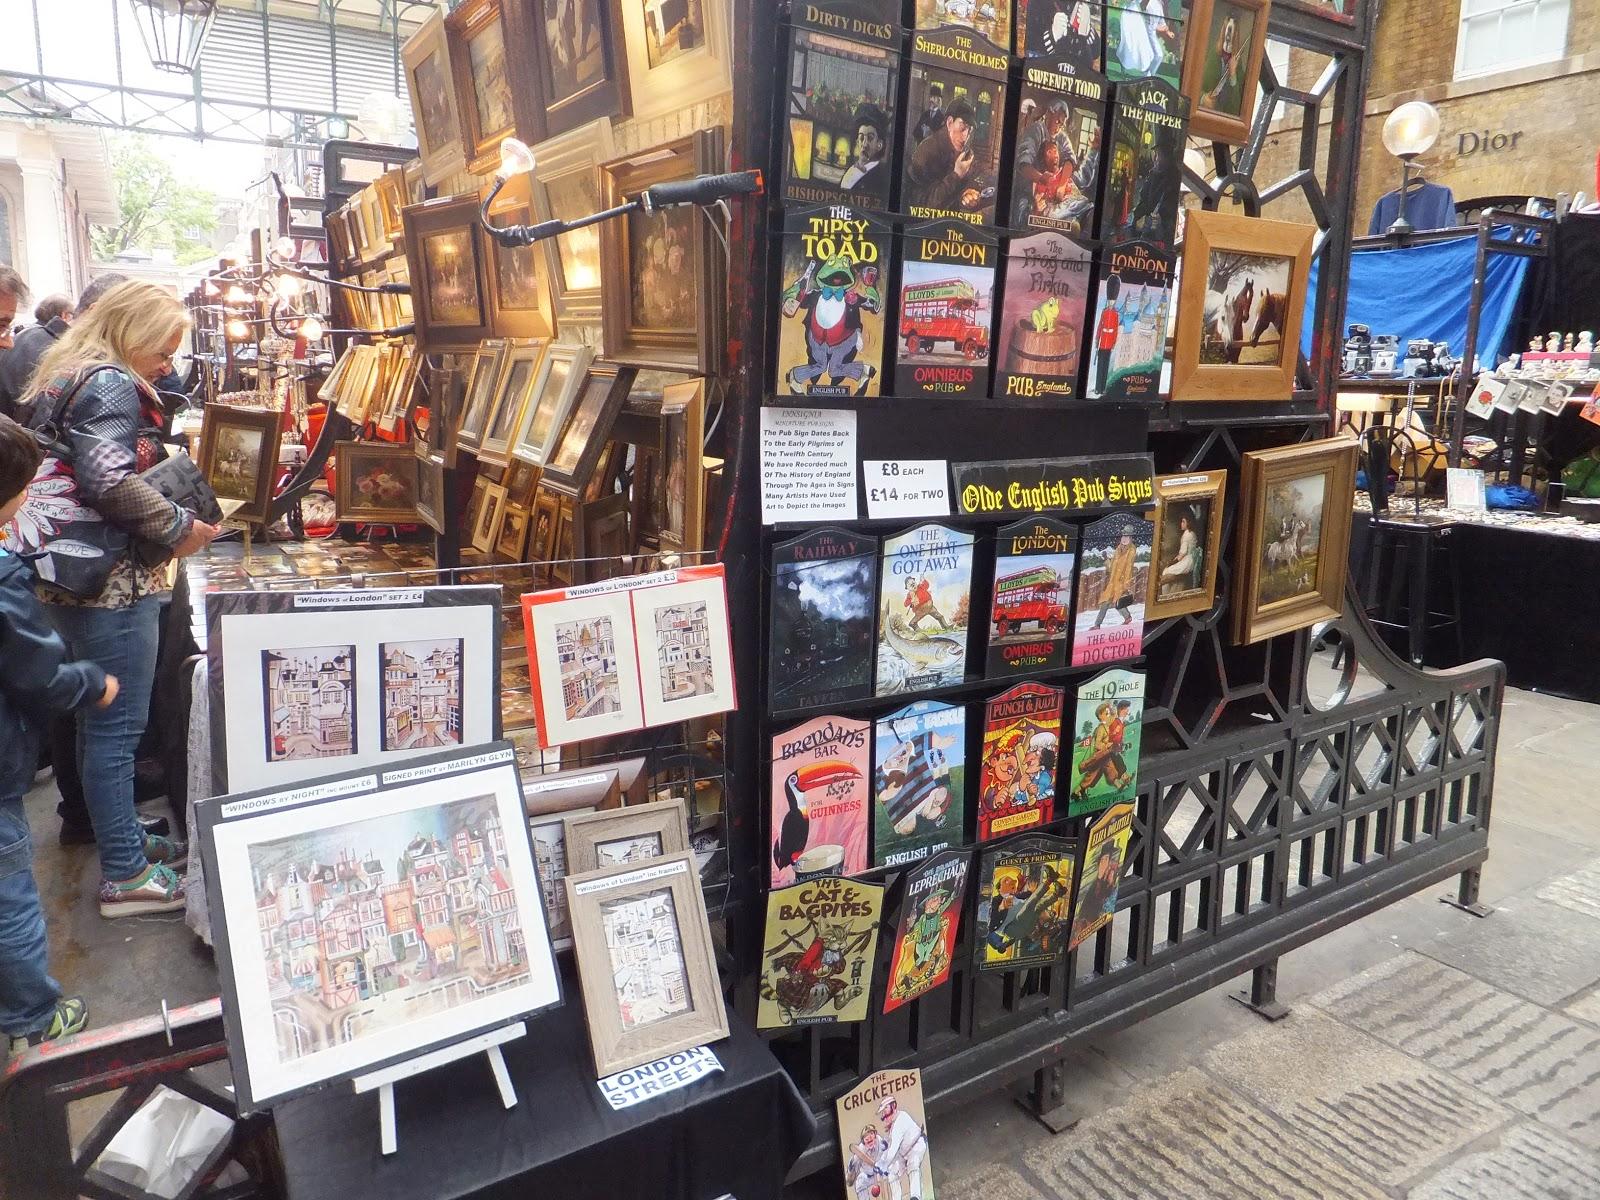 Apple Market, Covent Garden, London, Londres, Elisa N, Blog de Viajes, Lifestyle, Travel